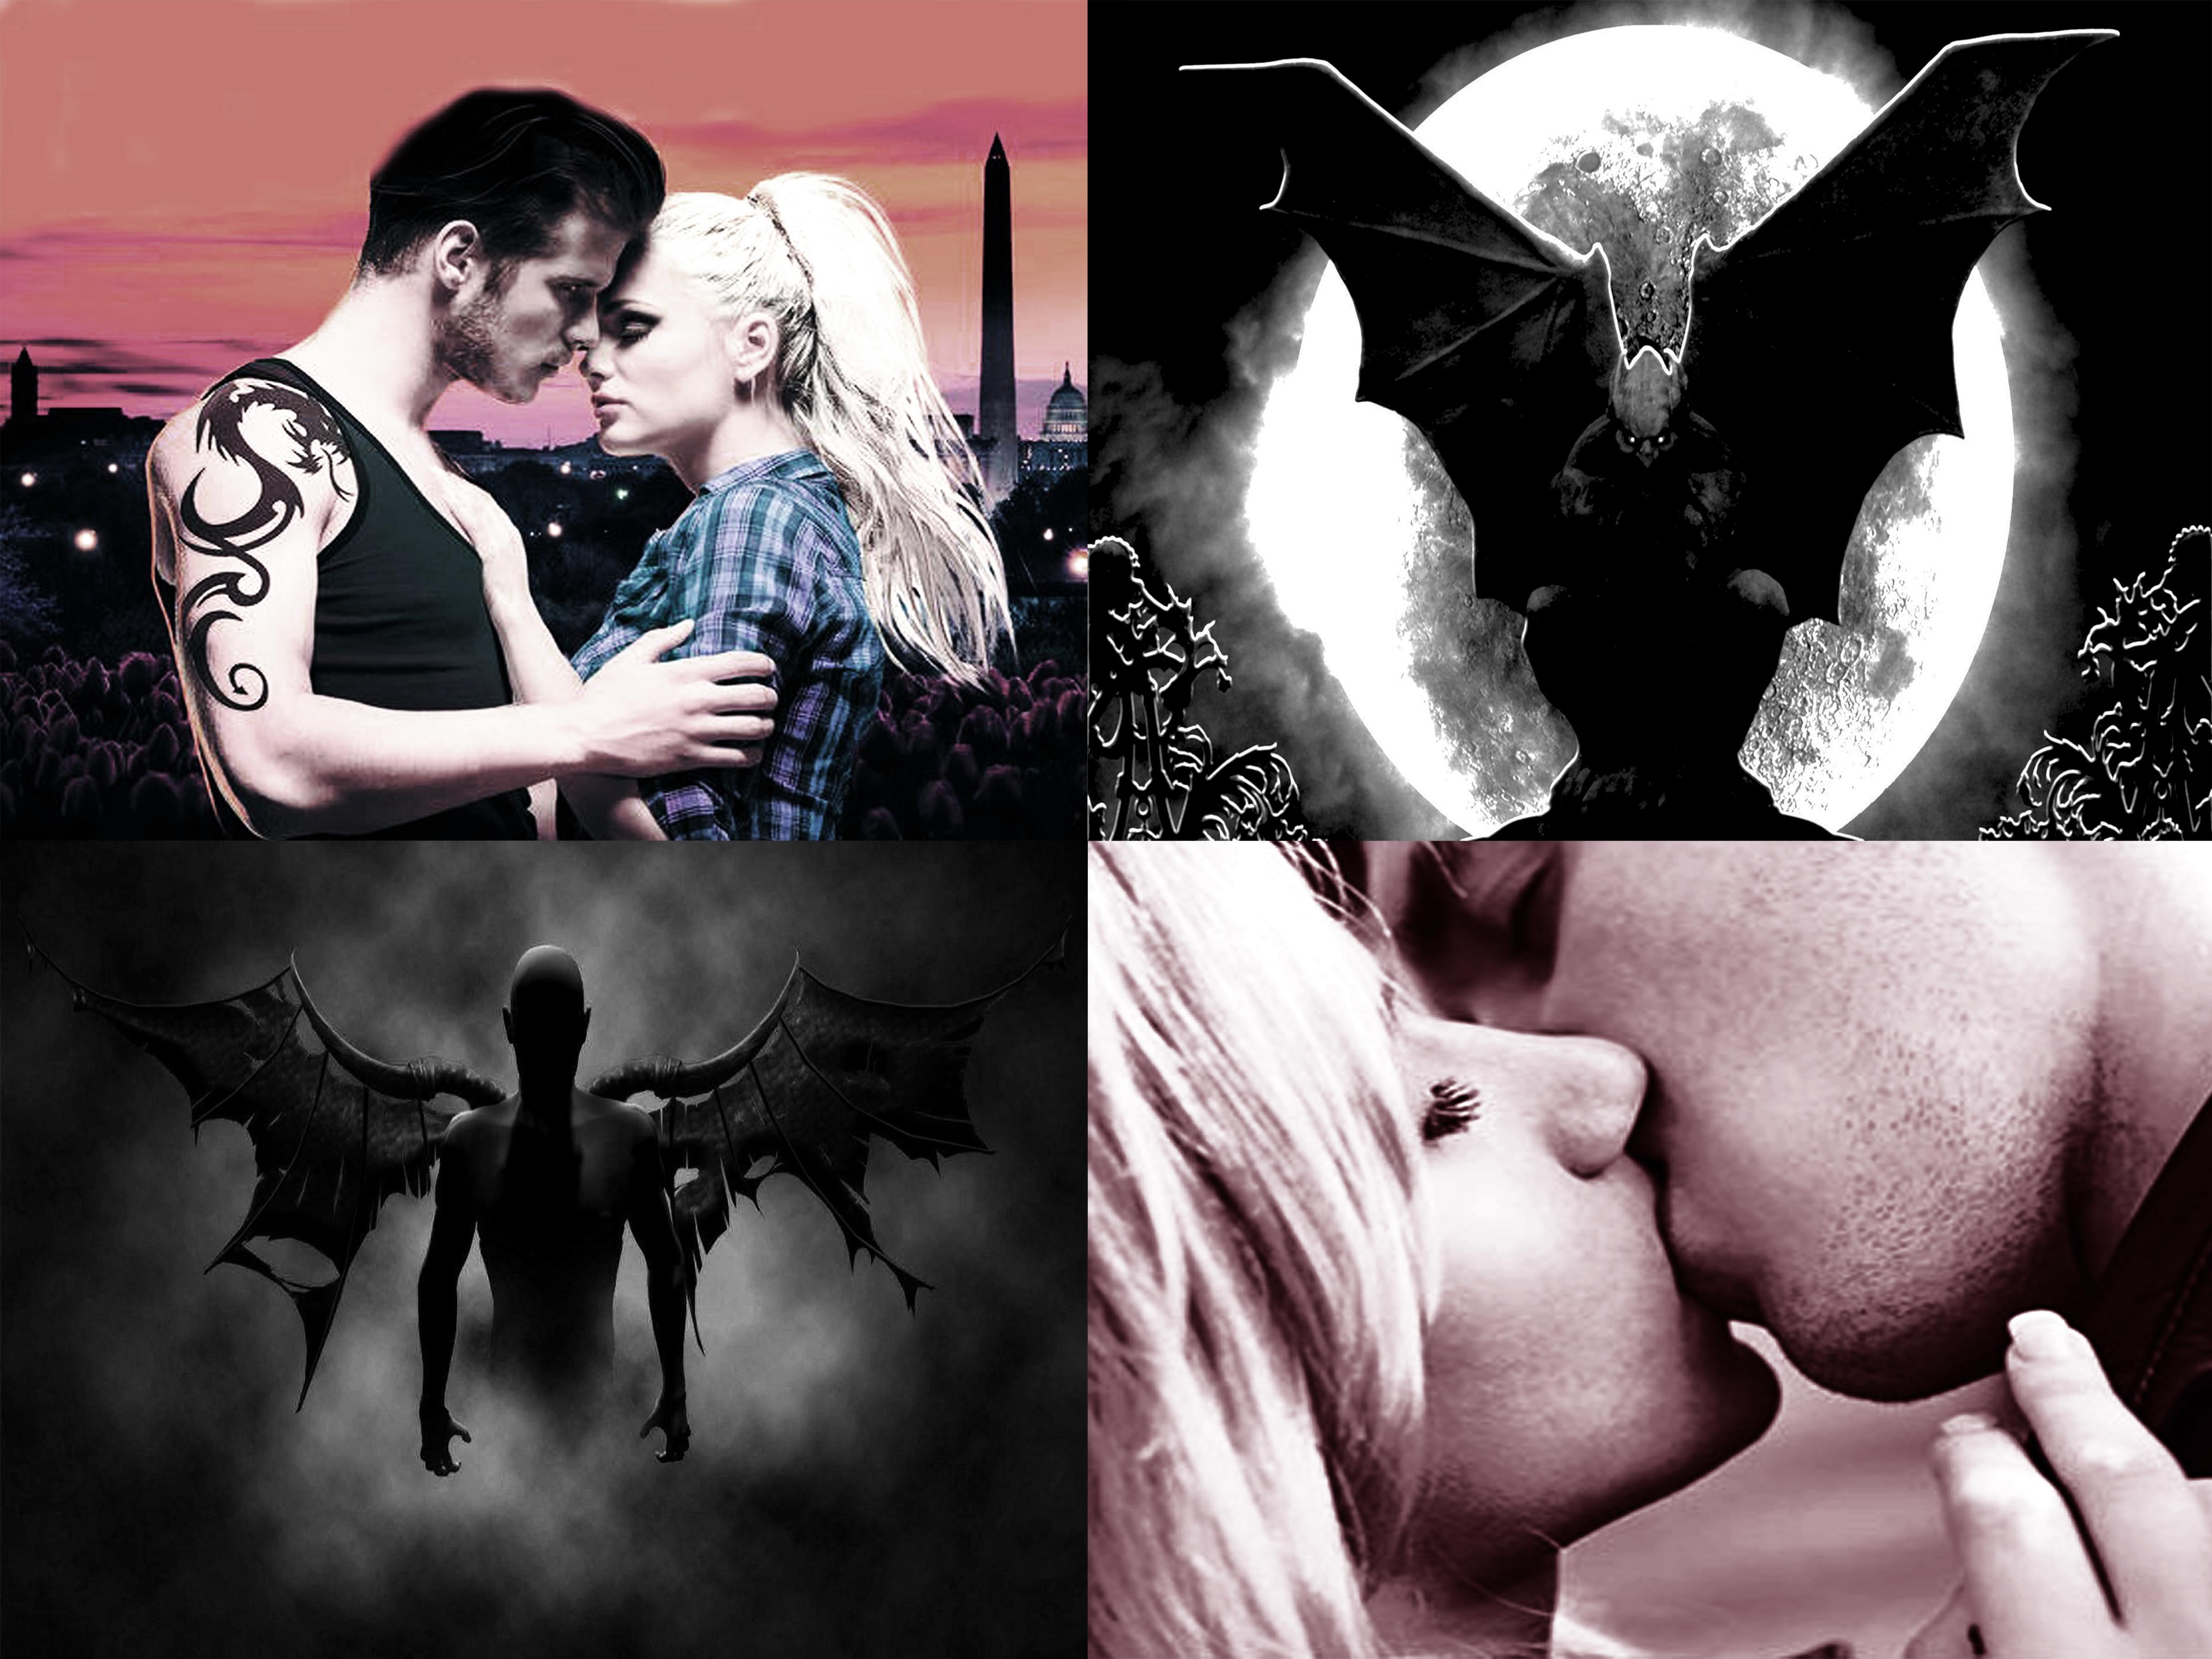 человека продолжение жаркого поцелуя арметроут что Самаре всеми